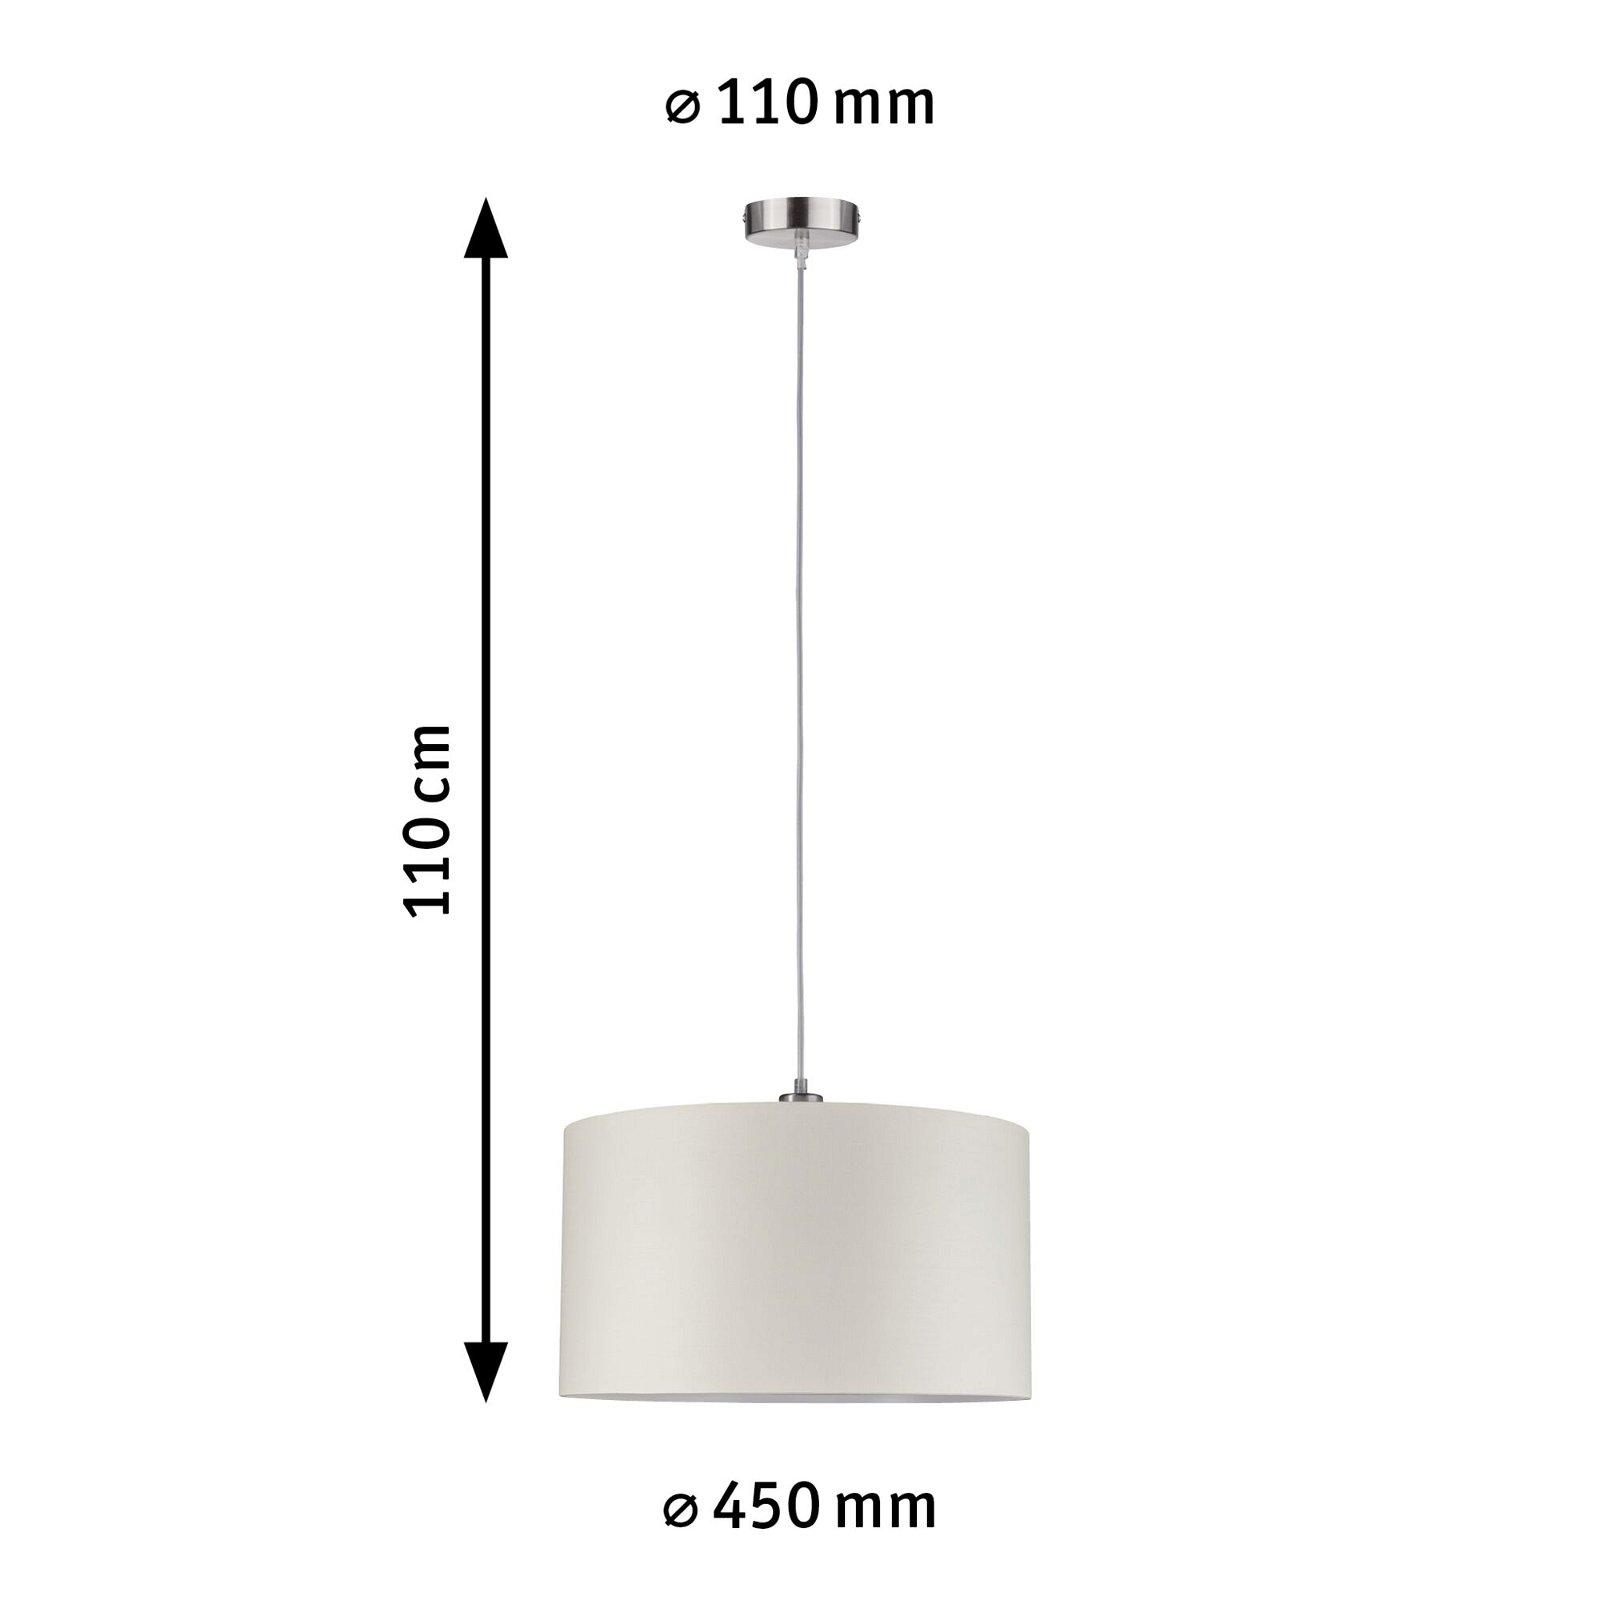 Pendelleuchte Tessa E27 max. 60W Creme/Eisen gebürstet